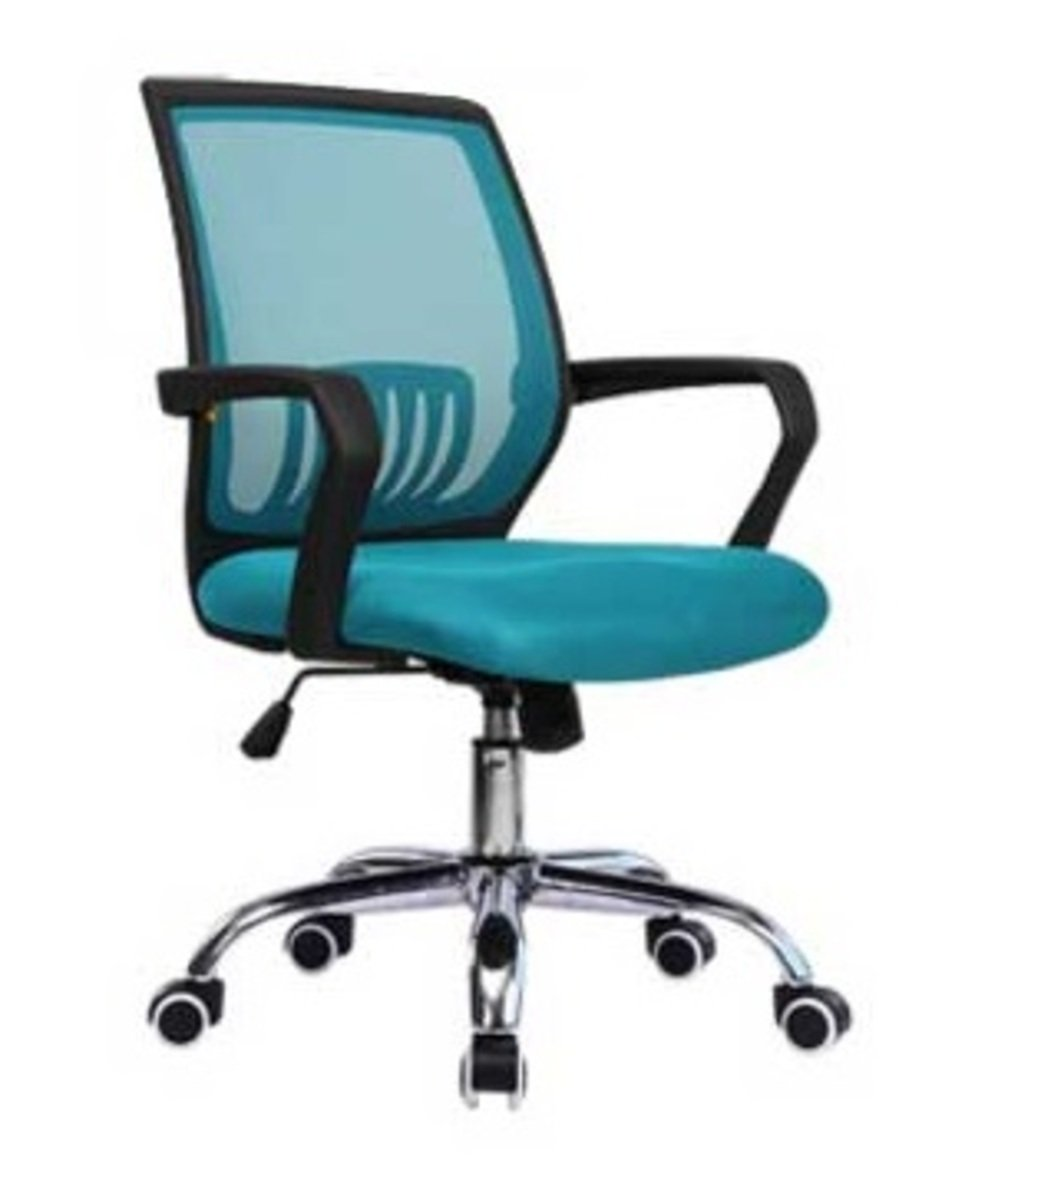 人體工學辦公椅-黑框(湖藍色)